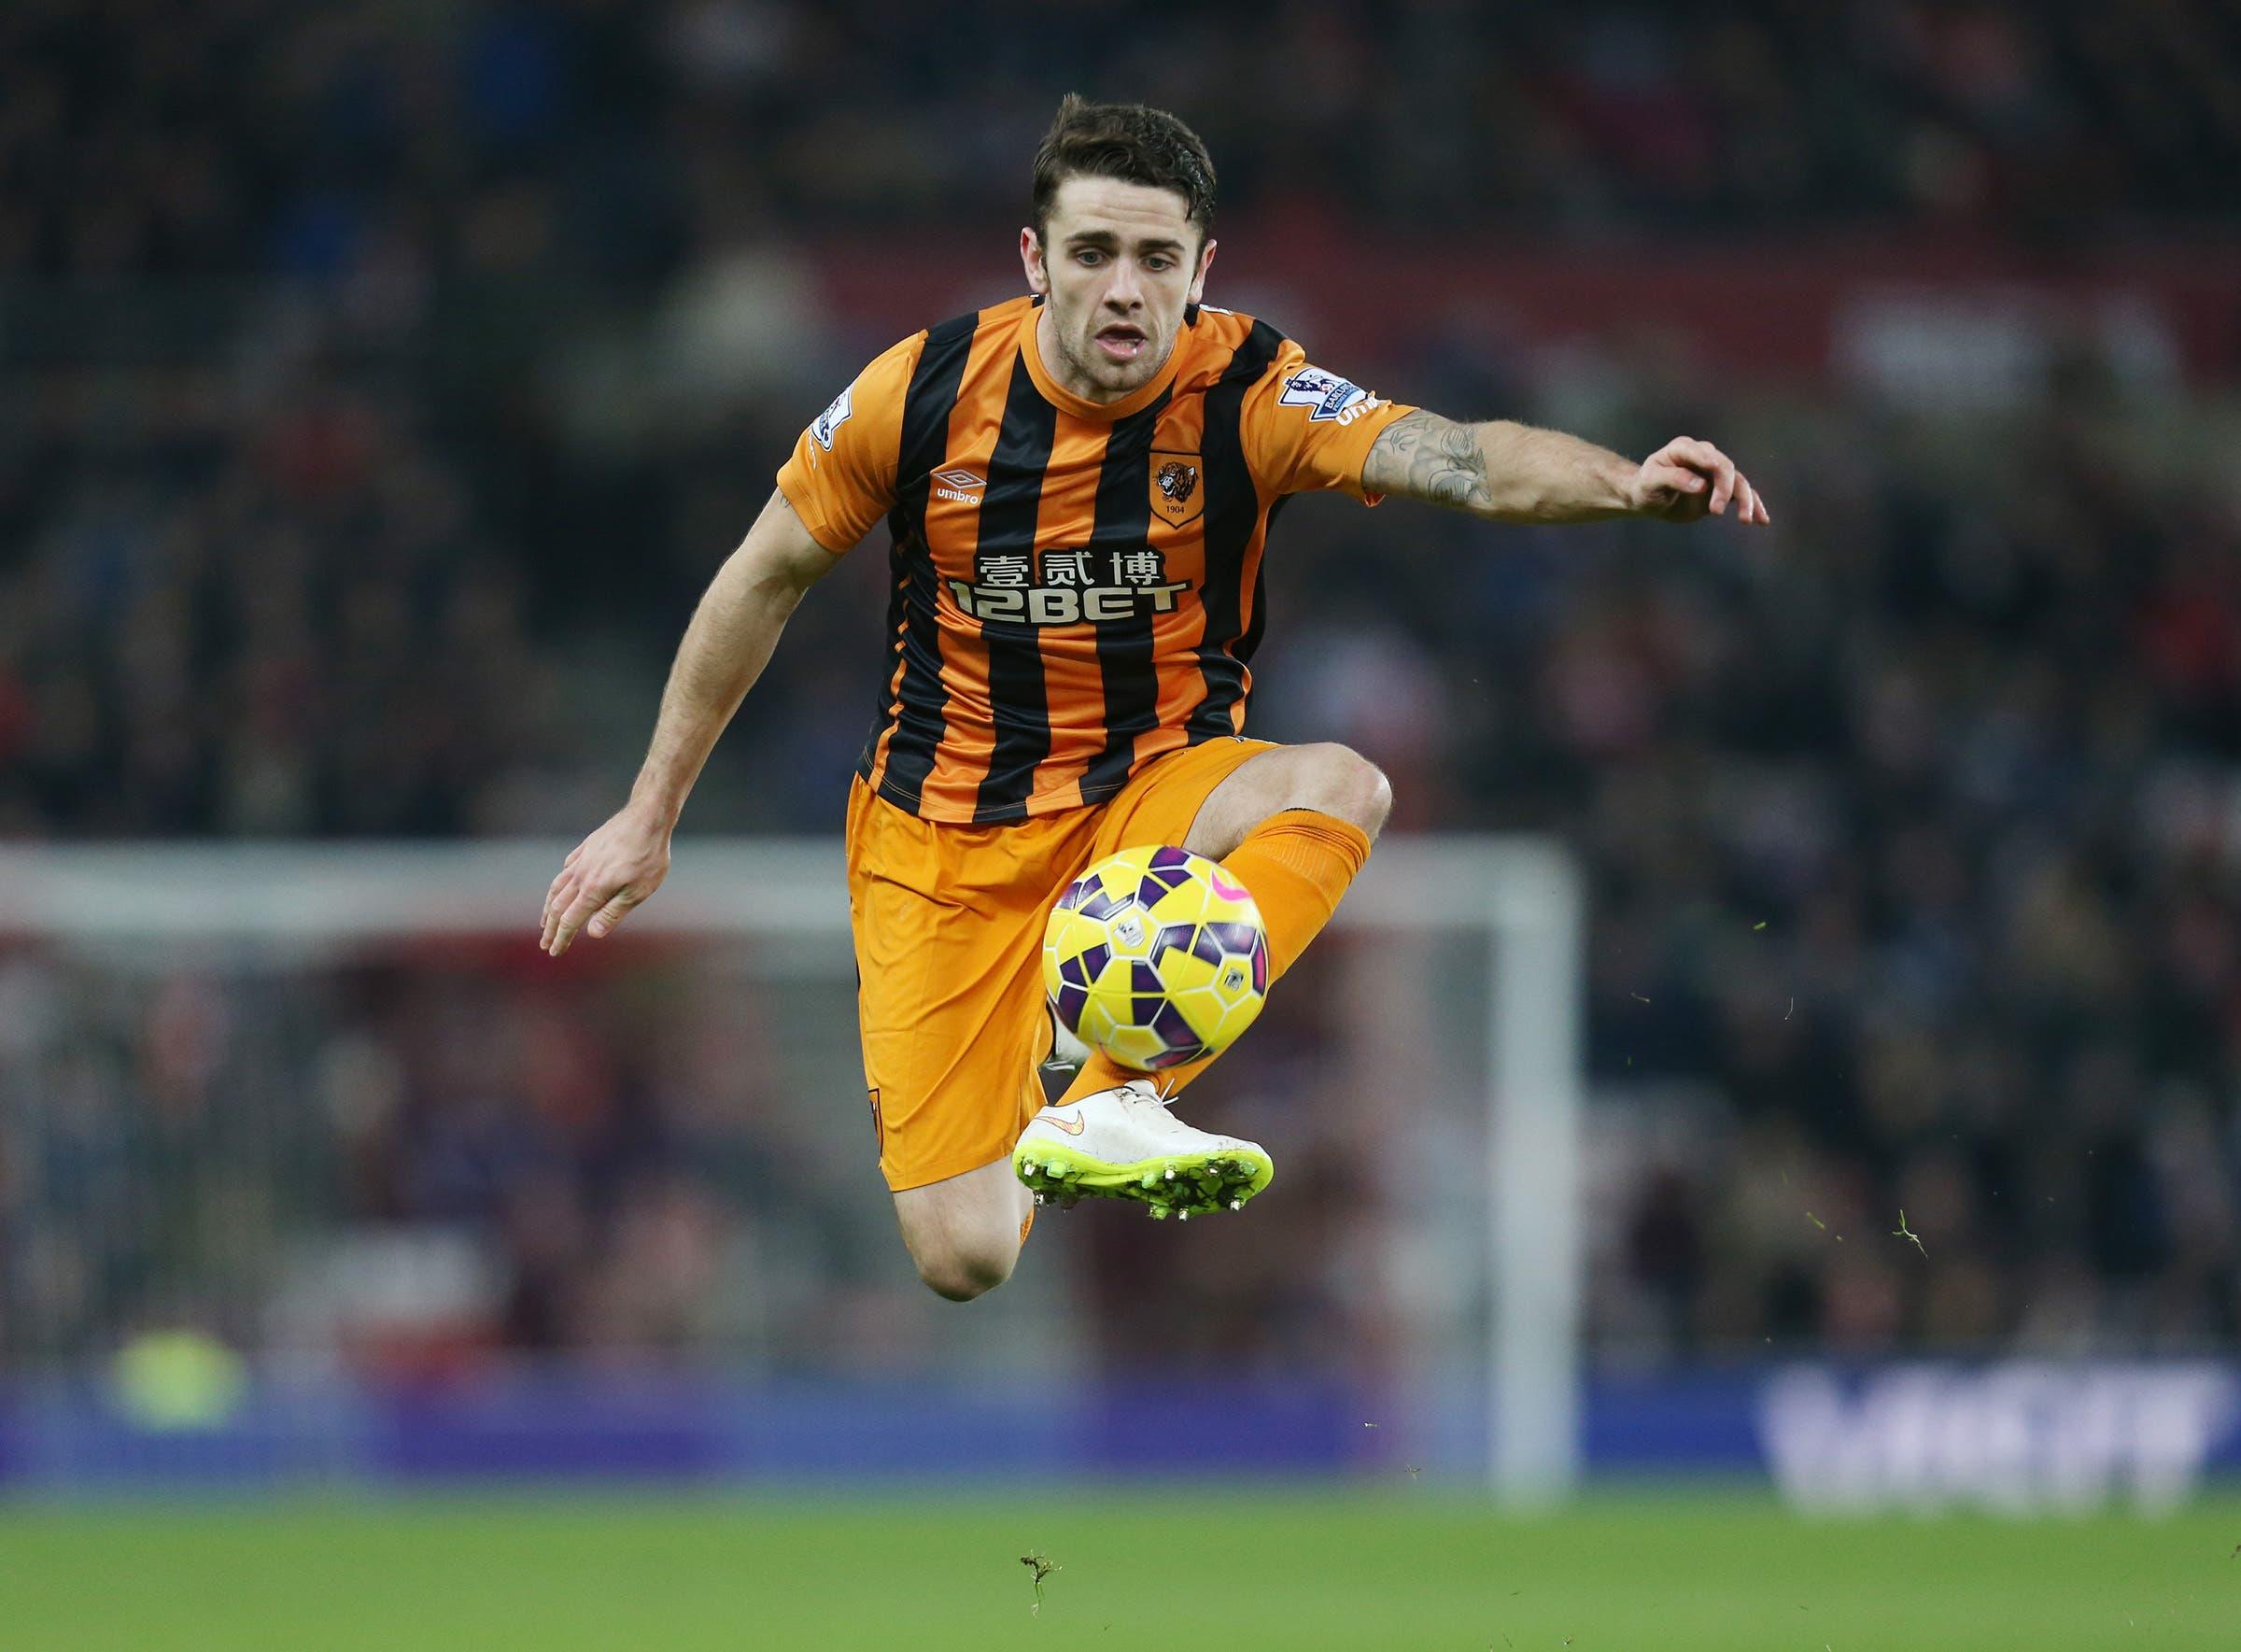 Hull City's Robbie Brady (AP)